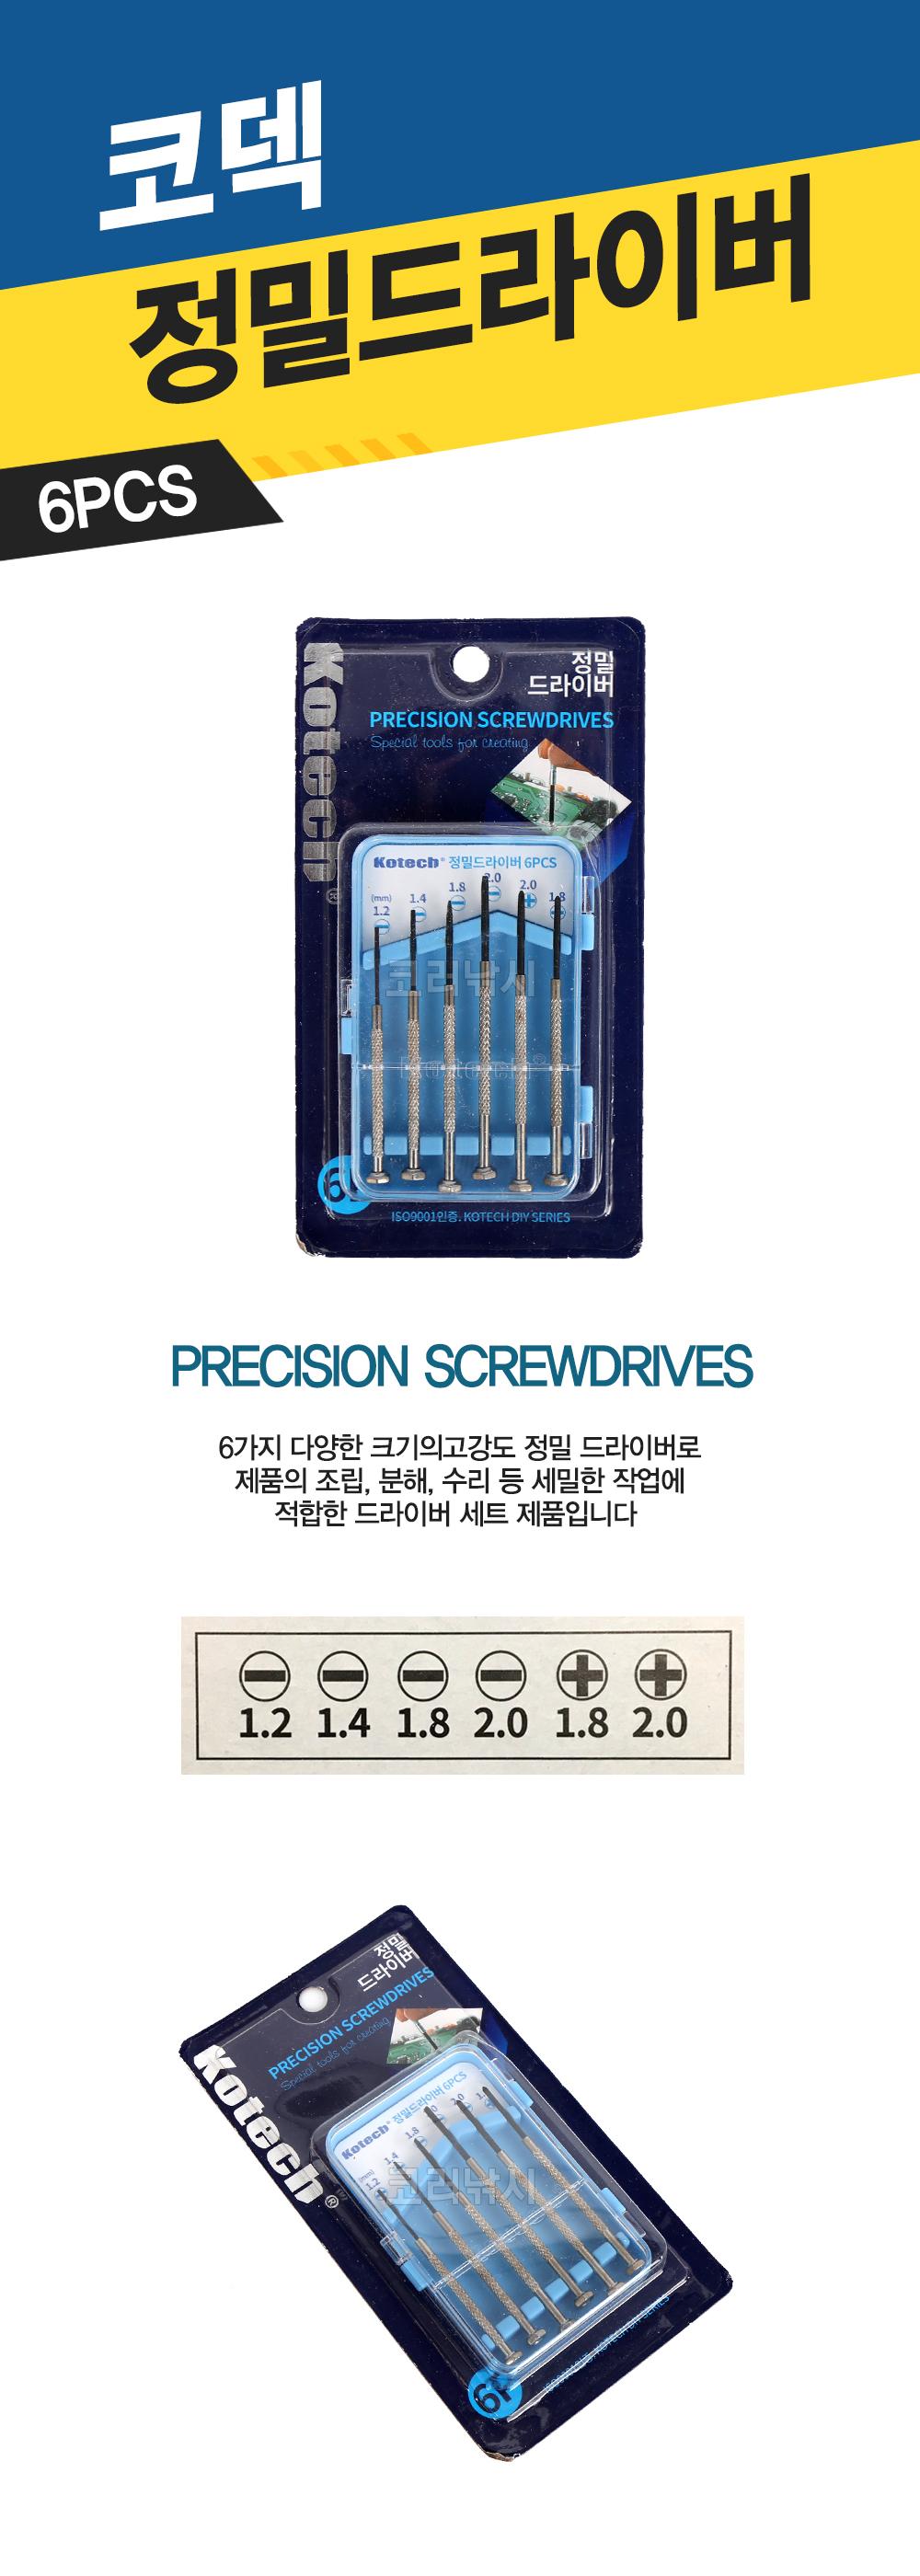 코텍 정밀드라이버 6PCS 시계드라이버 안경드라이버 마이크로드라이버 미니드라이버 소형드라이버